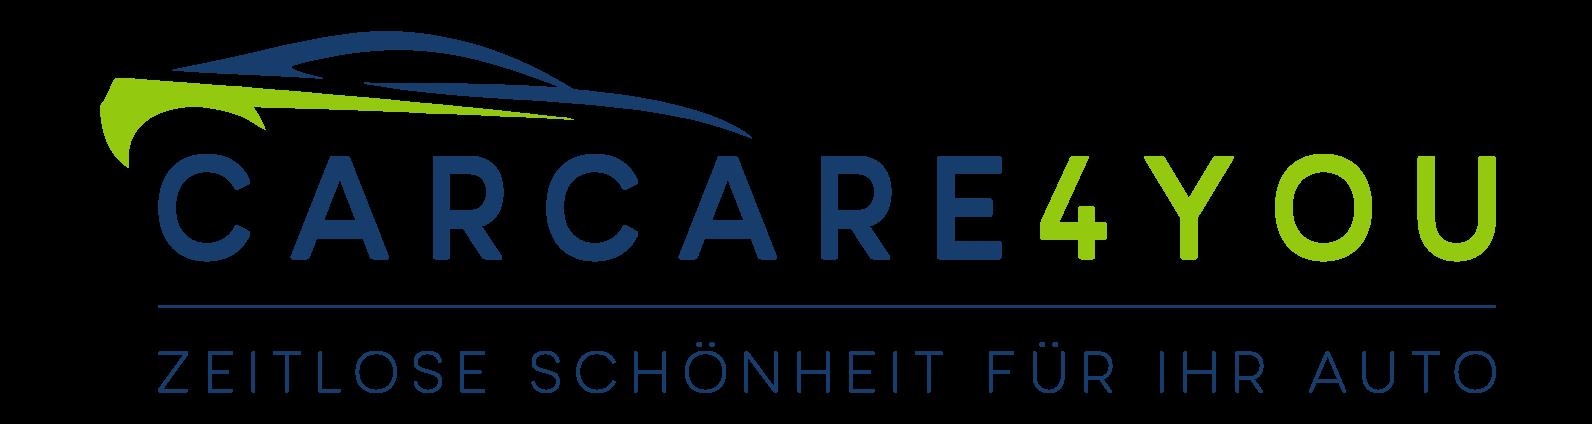 CarCare4you - Zeitlose Schönheit für Ihr Auto